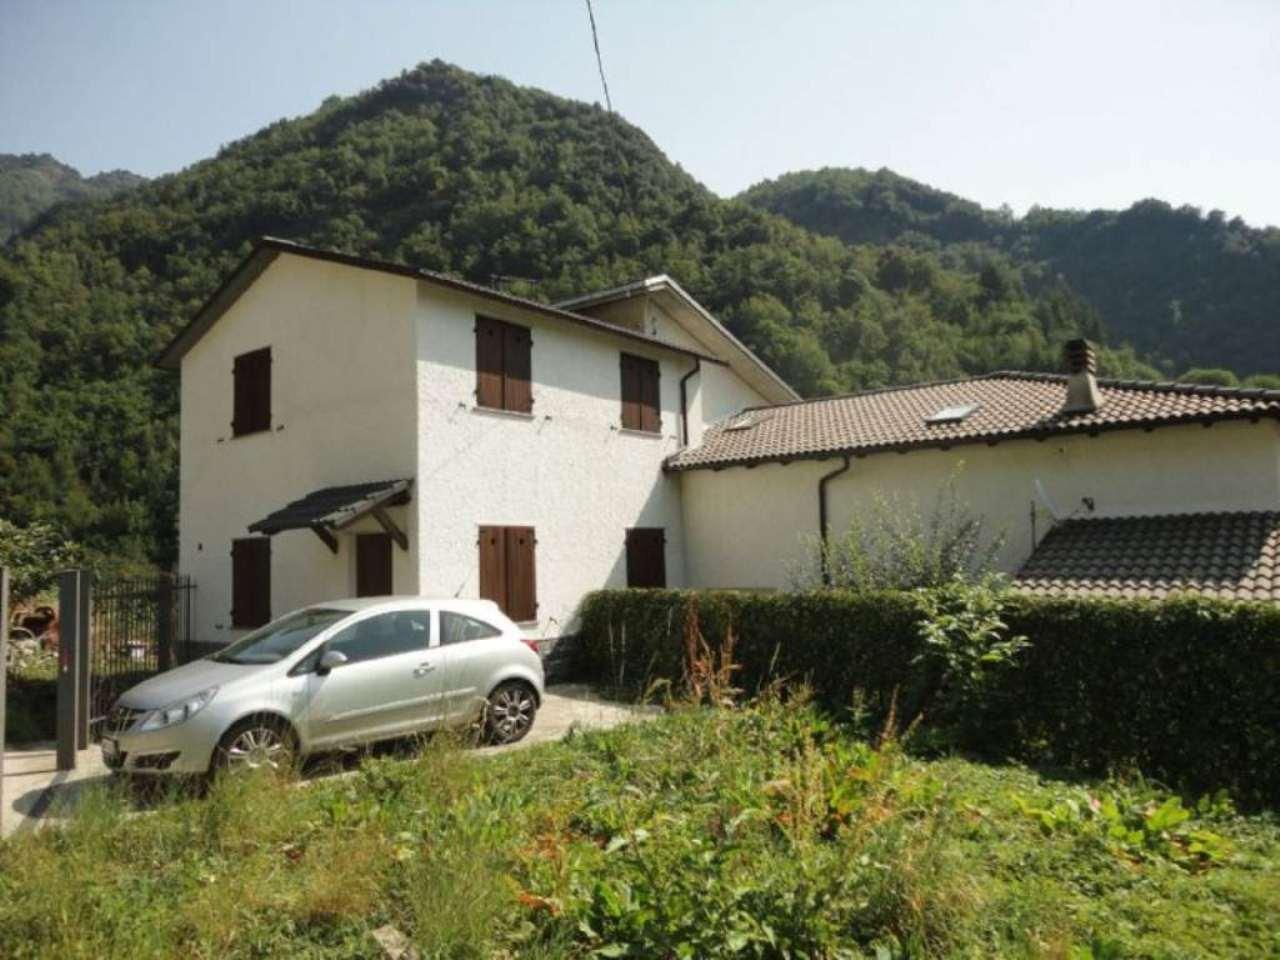 Soluzione Indipendente in vendita a Favale di Malvaro, 4 locali, prezzo € 89.000 | Cambio Casa.it